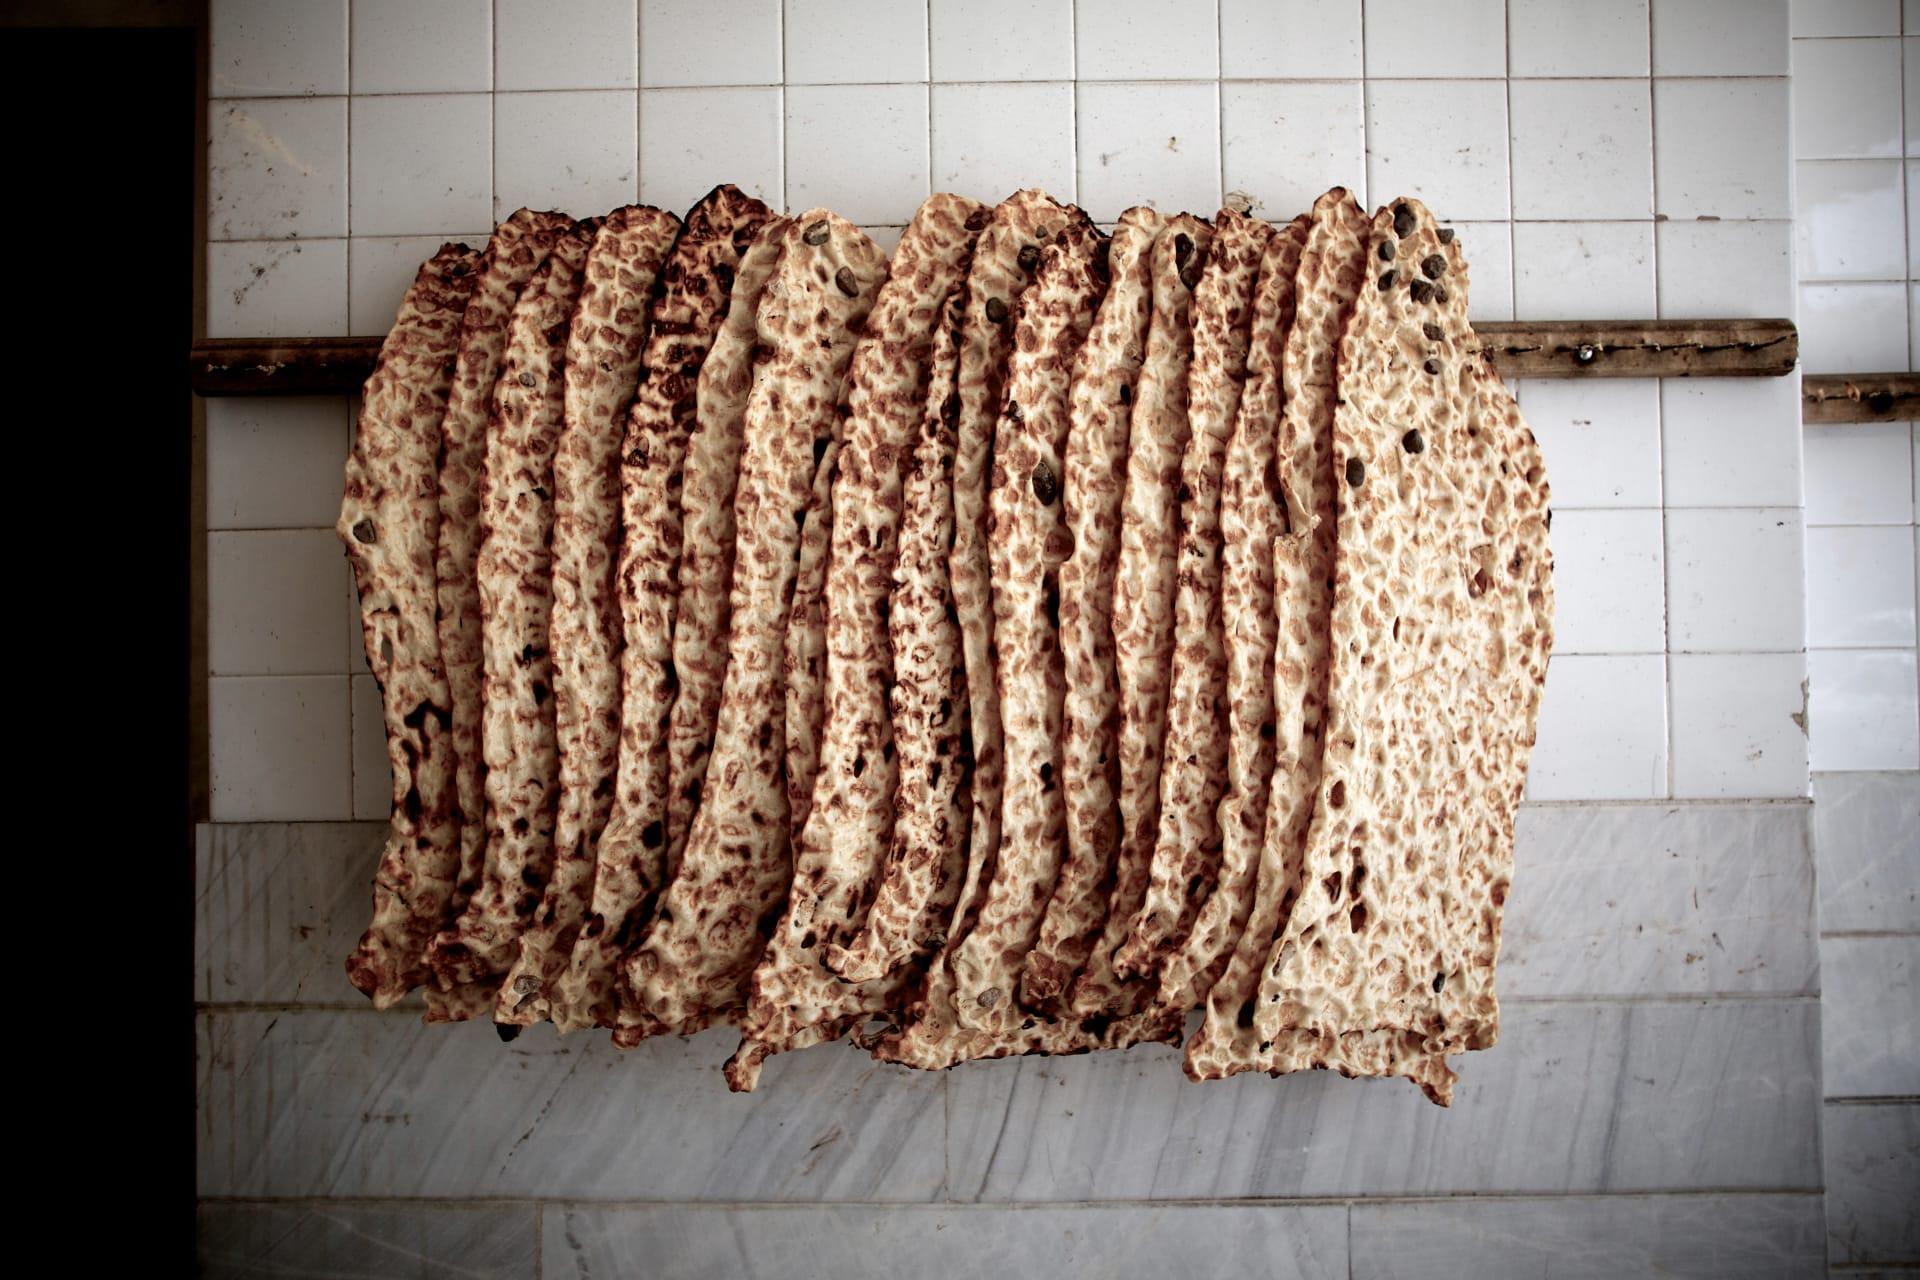 رغائف خبز معلقة في مخبز بإيران